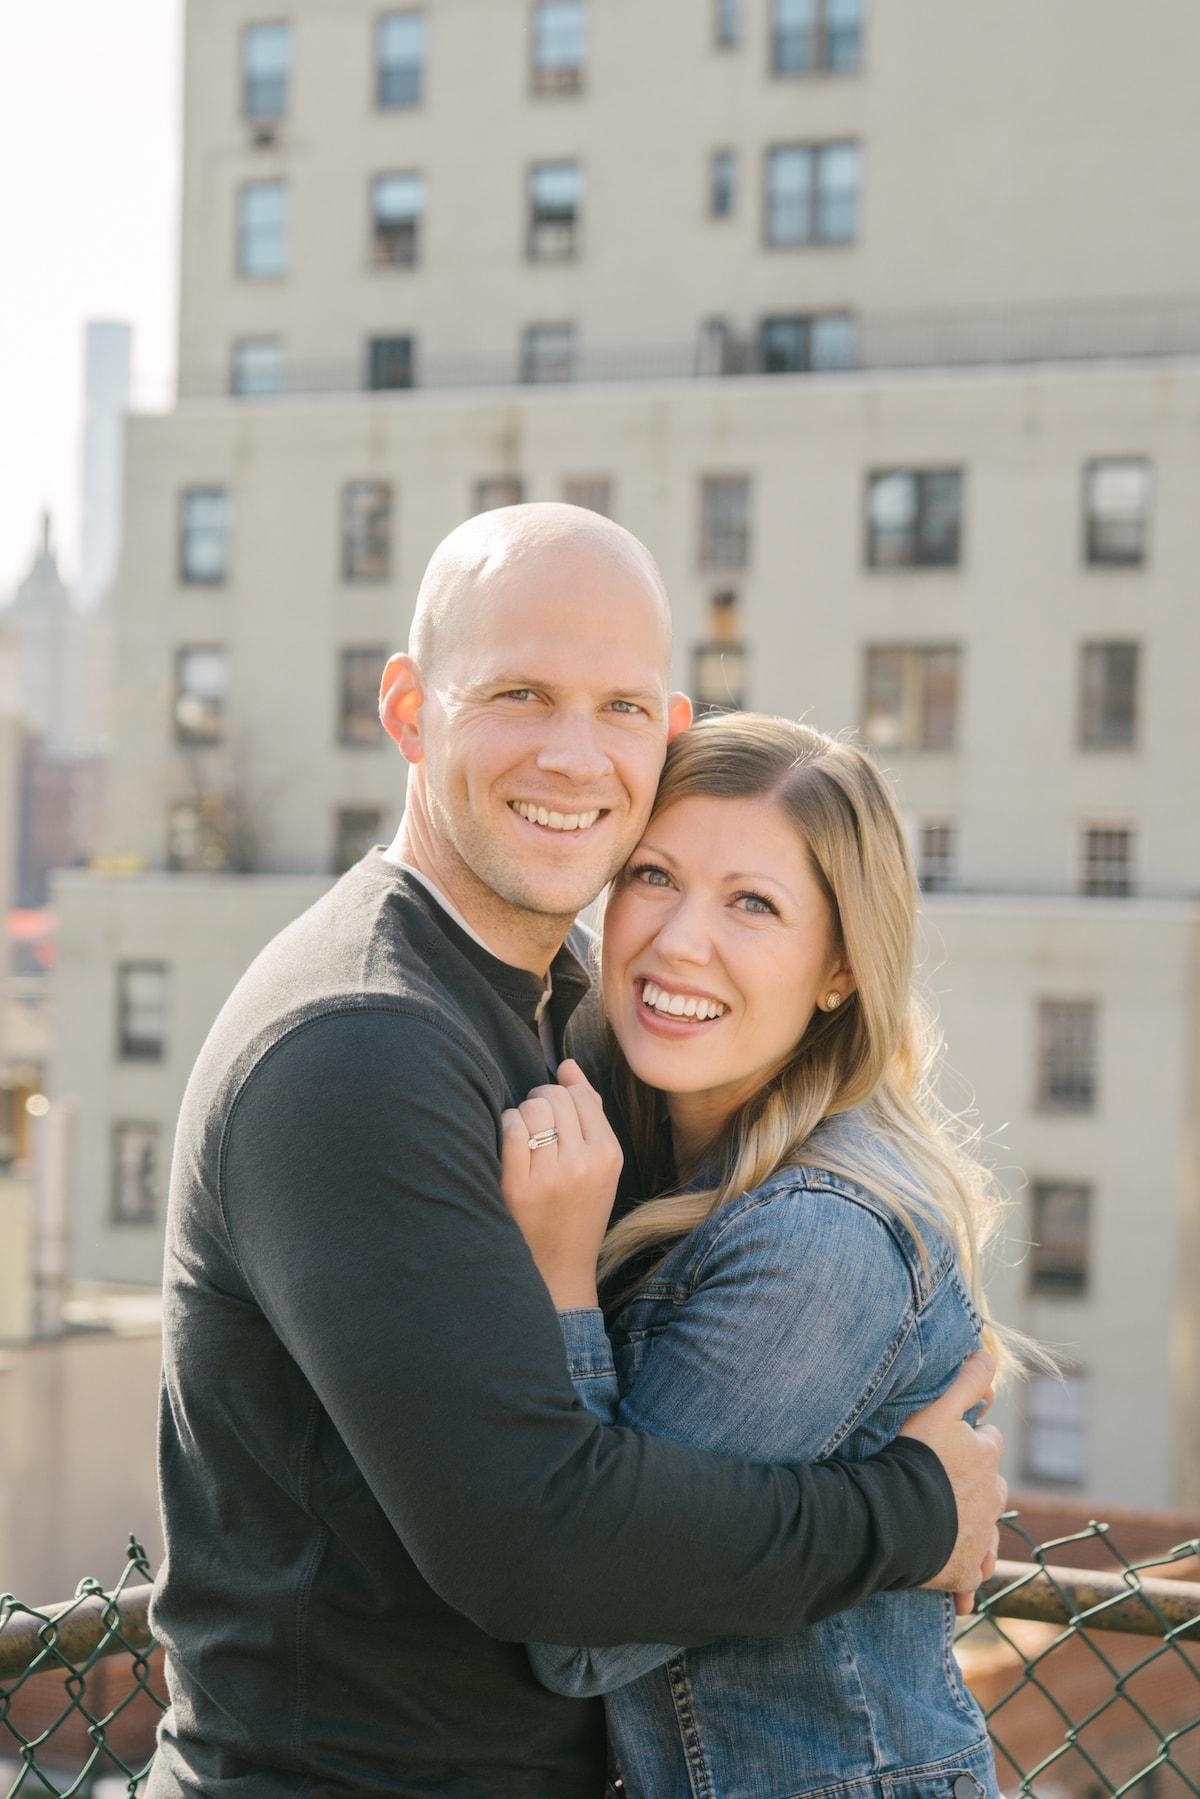 Gordon and Lauren